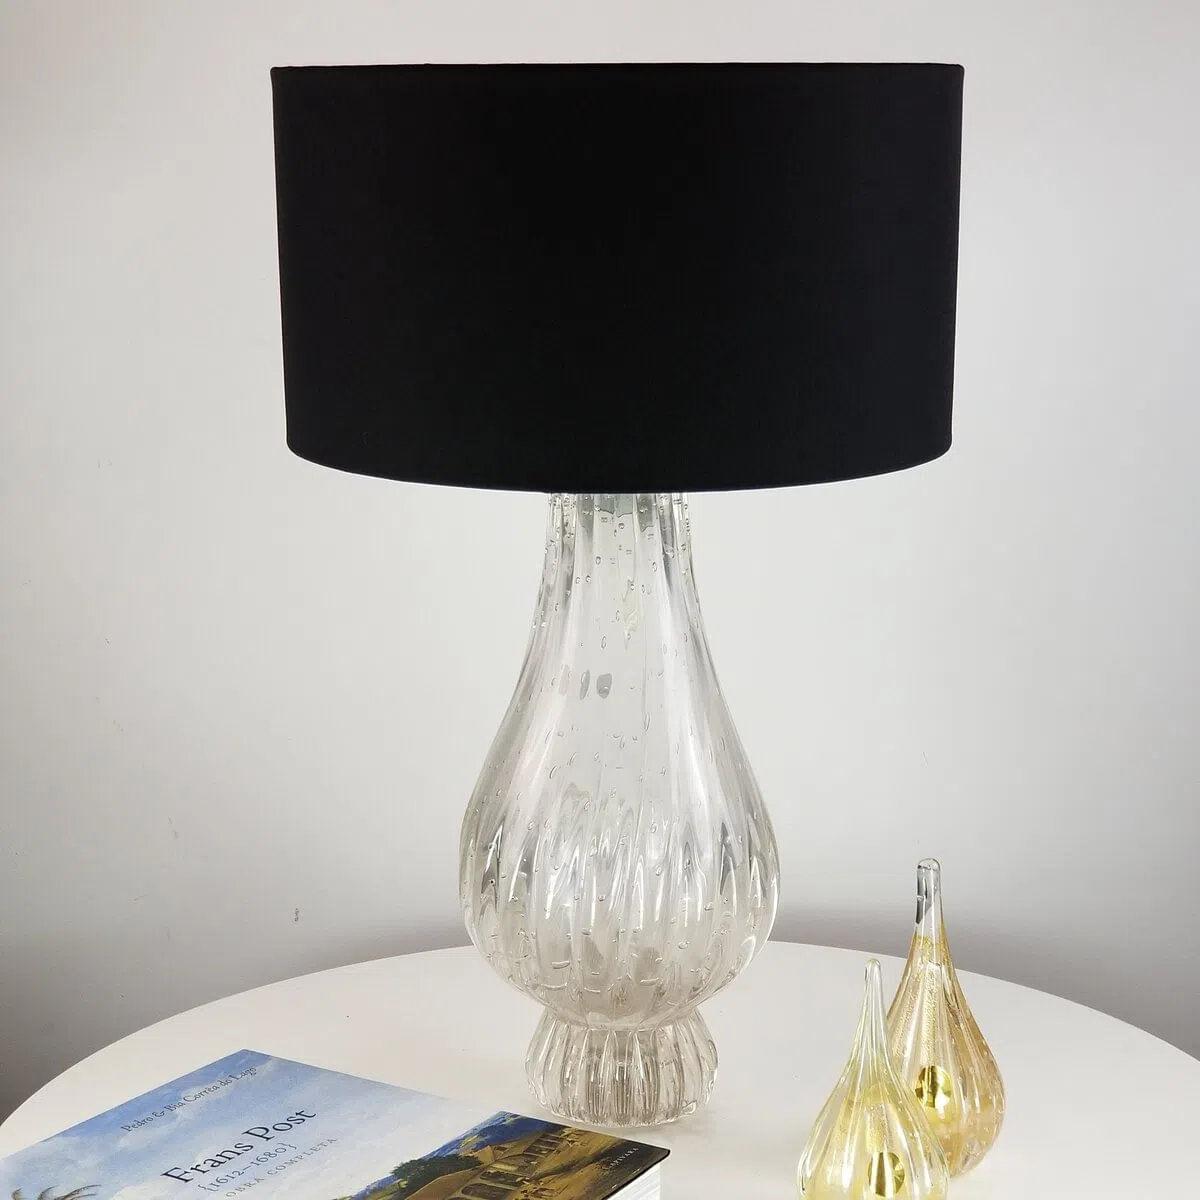 Abajur de Sala de Cristal Murano D'labone - Transparente 50cm